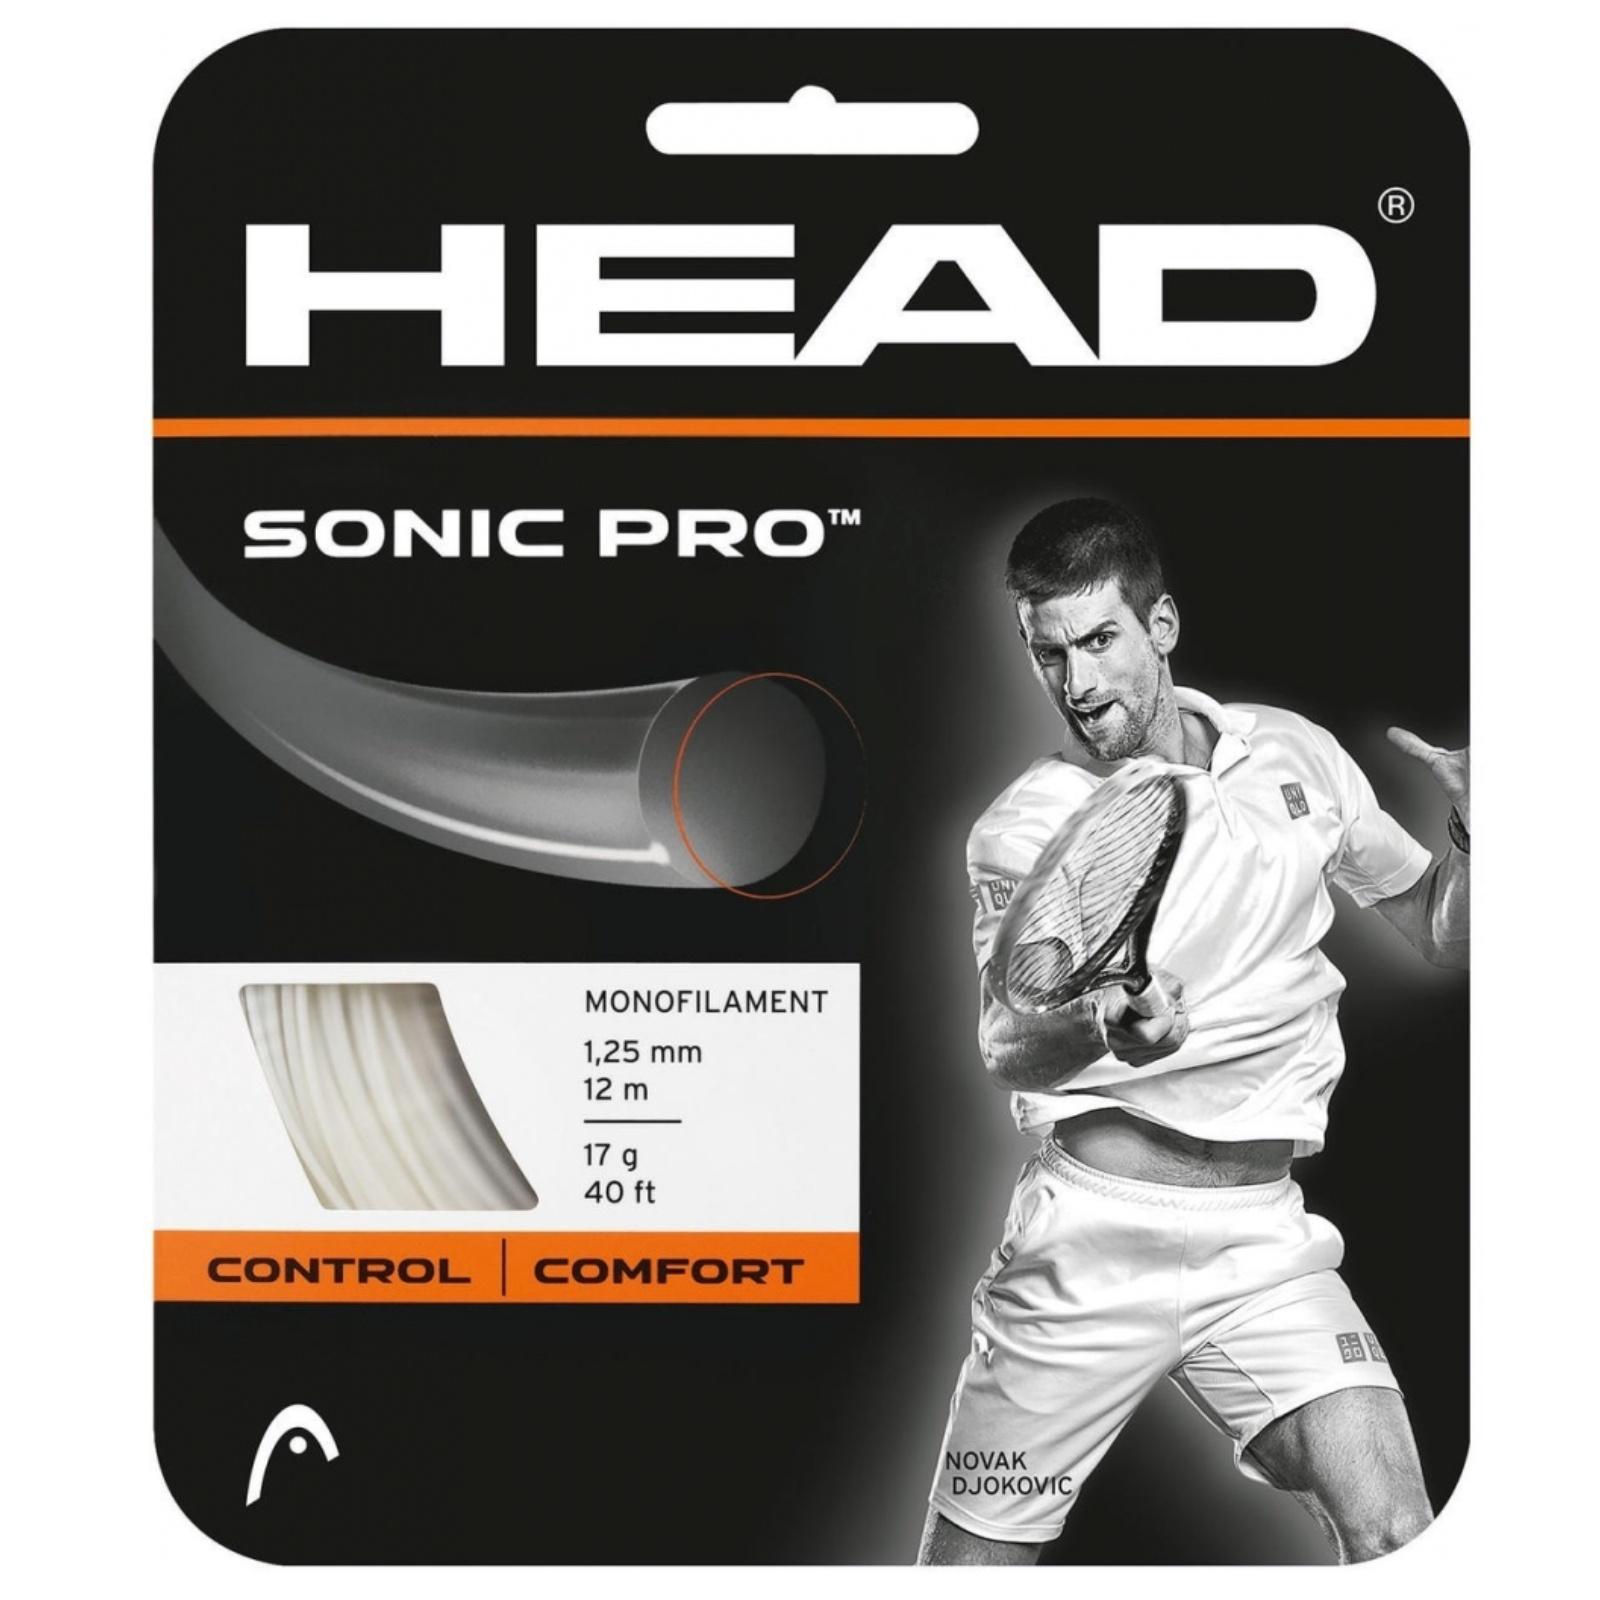 Tenisový výplet HEAD Sonic Pro 16g 1.30 mm bílý